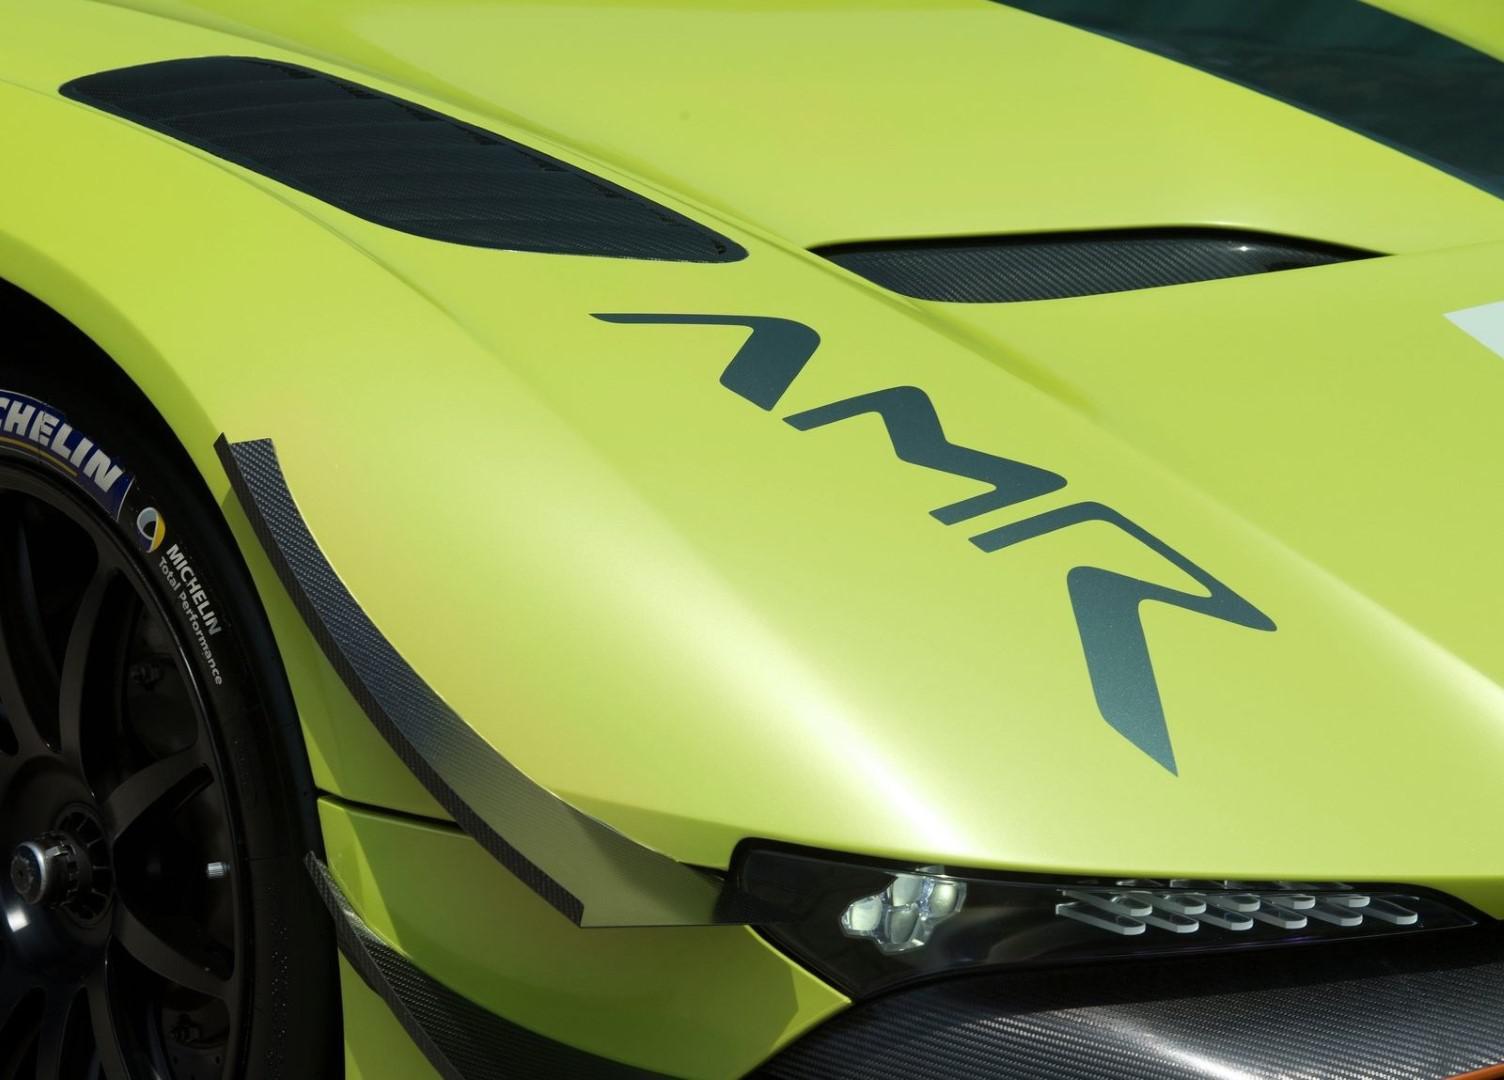 la-voiture-de-piste-la-plus-extreme-au-monde-aston-martin-vulcan-amr-pro-1308-4.jpg